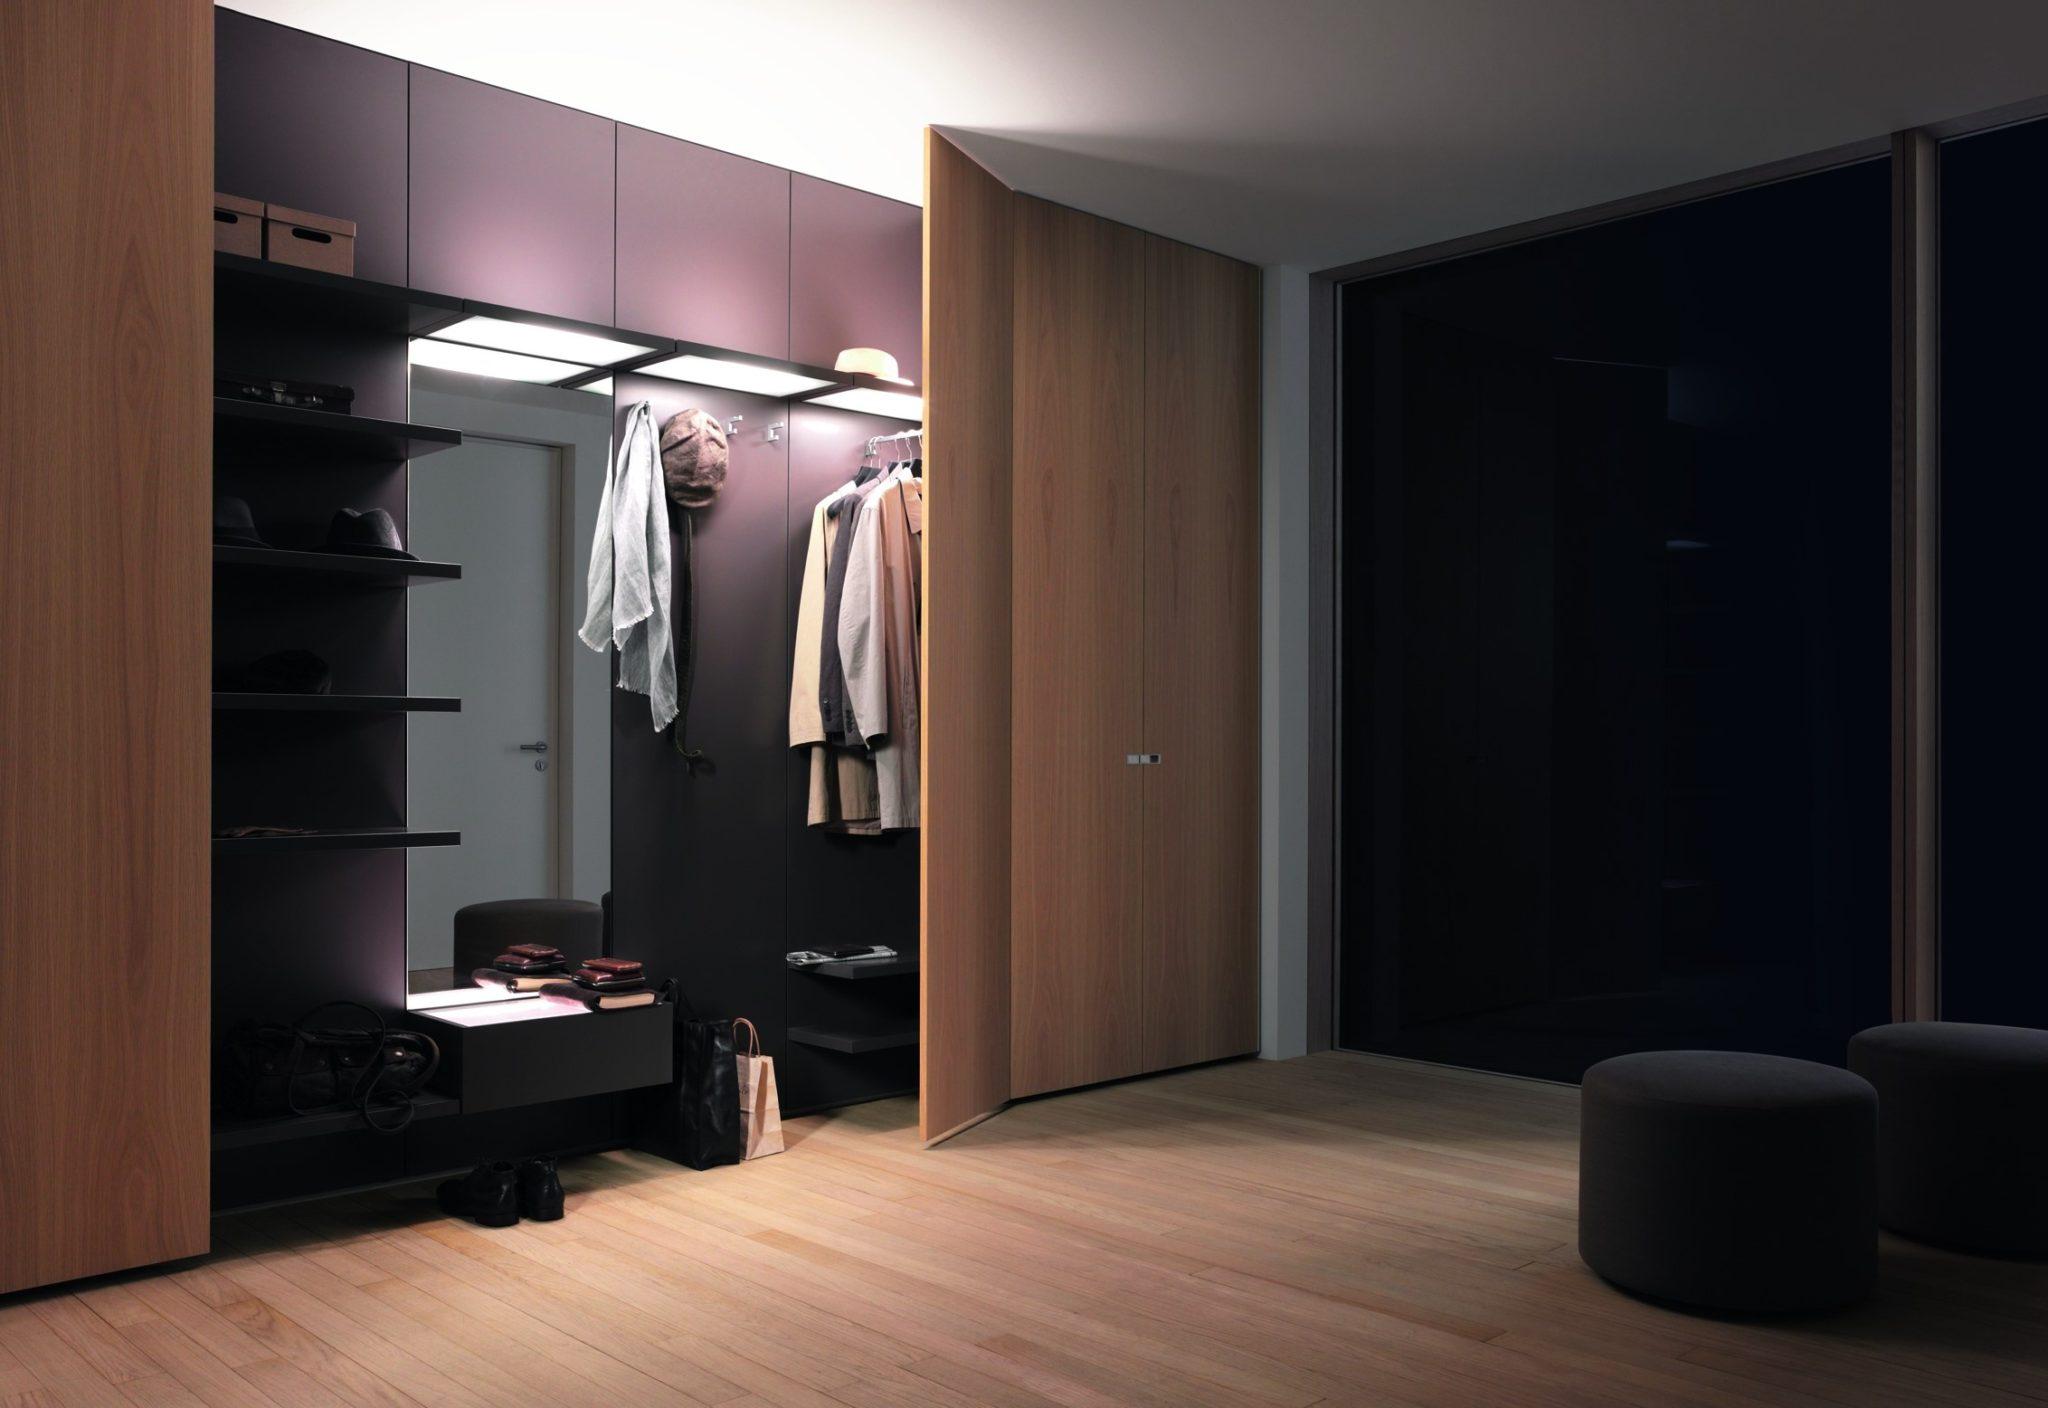 Двухкомнатную квартиру в москве посуточно фото доставки